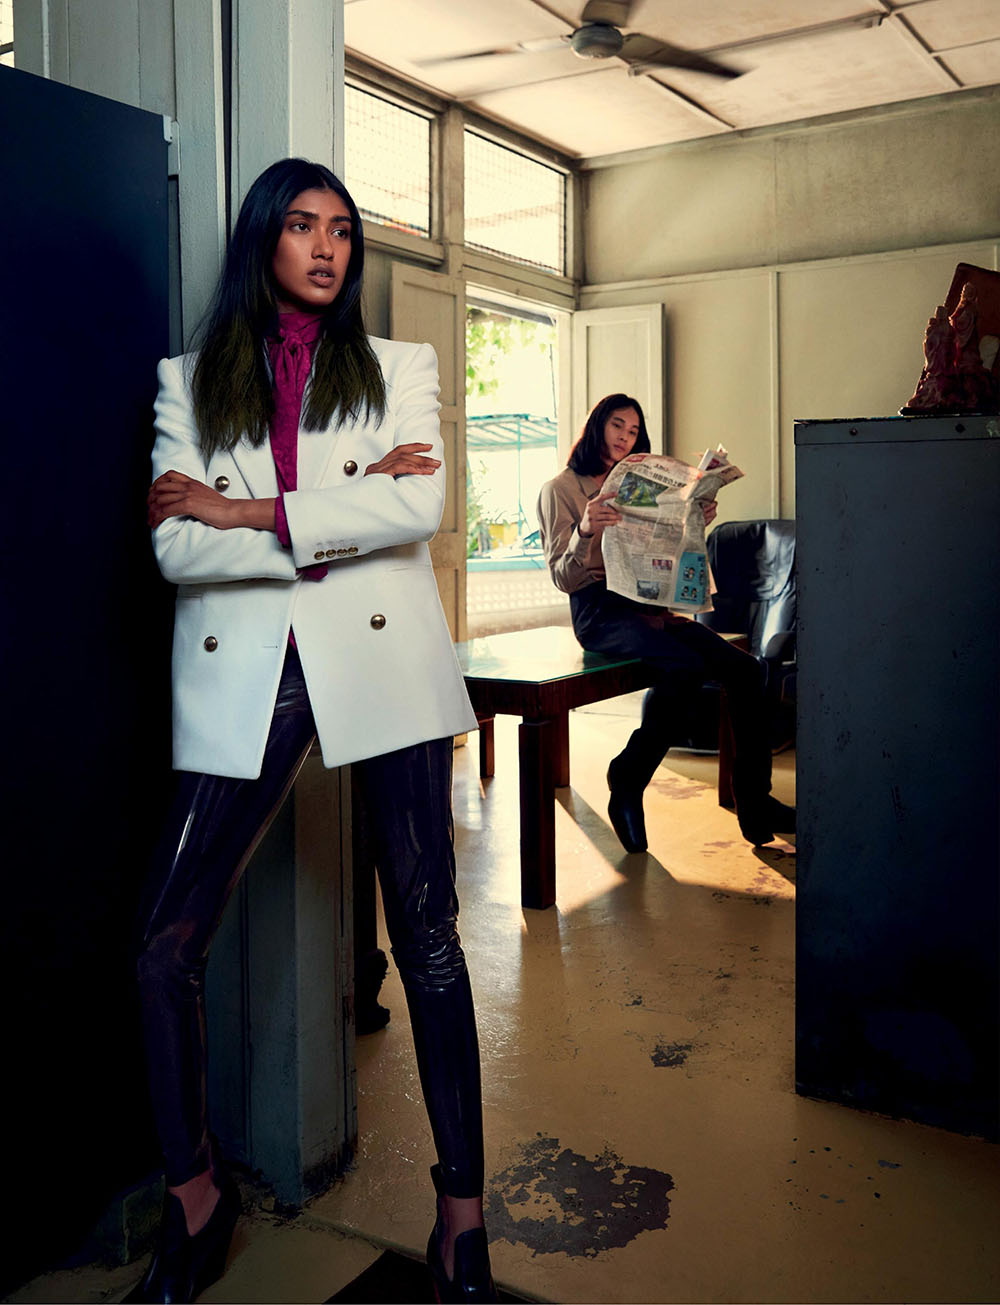 Irene Augustin and Spencer Lee by Gan for Harper's Bazaar Singapore November 2020